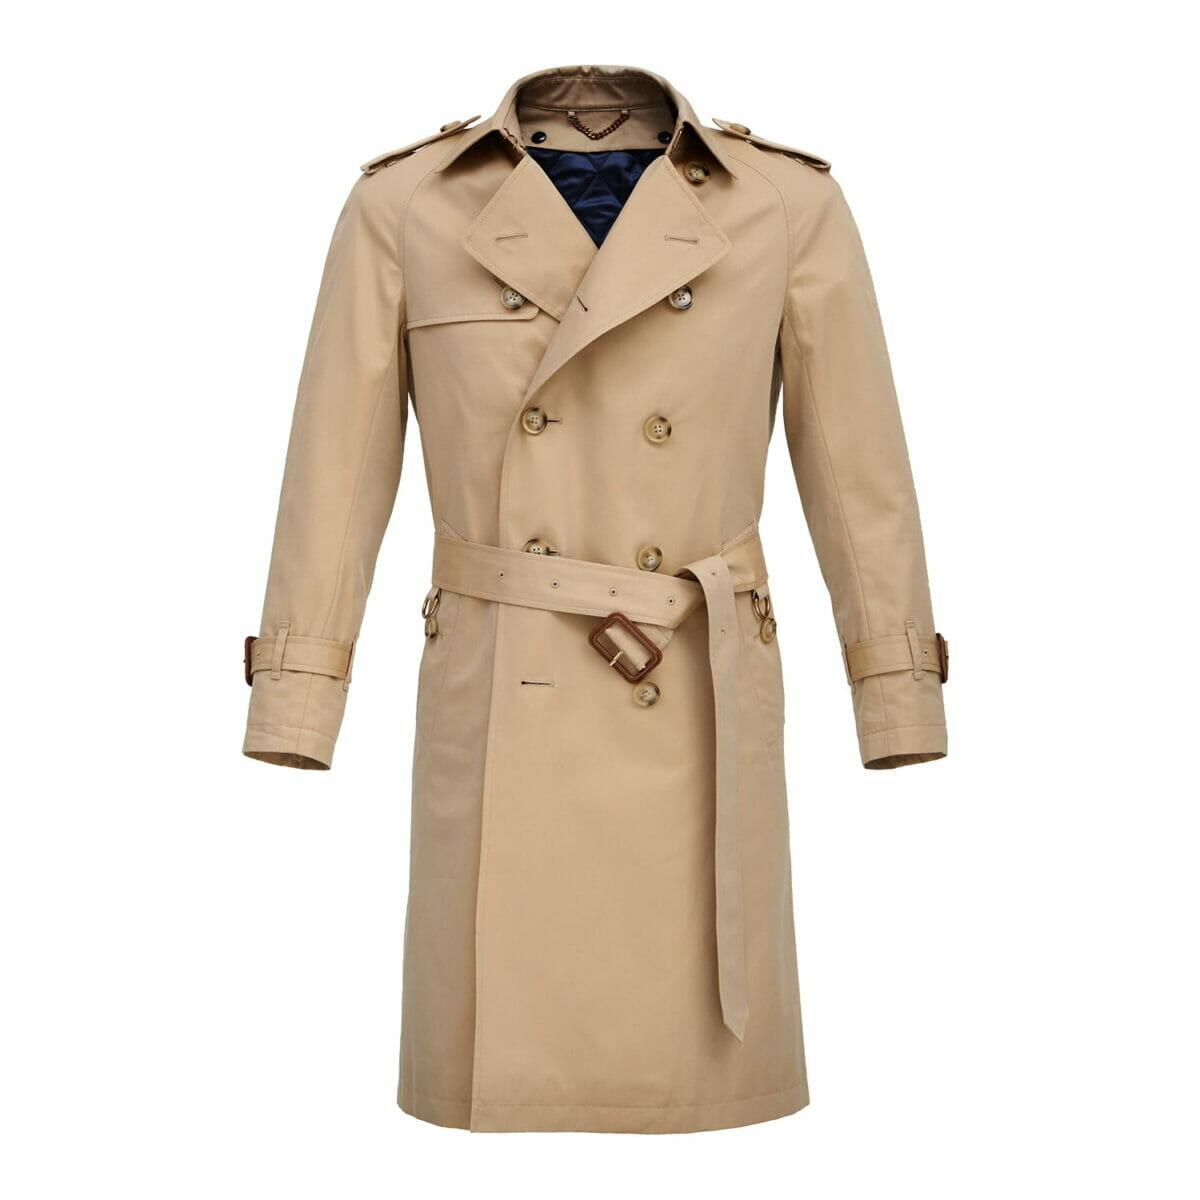 płaszcz dwurzędowy - gabardyna bawełniana